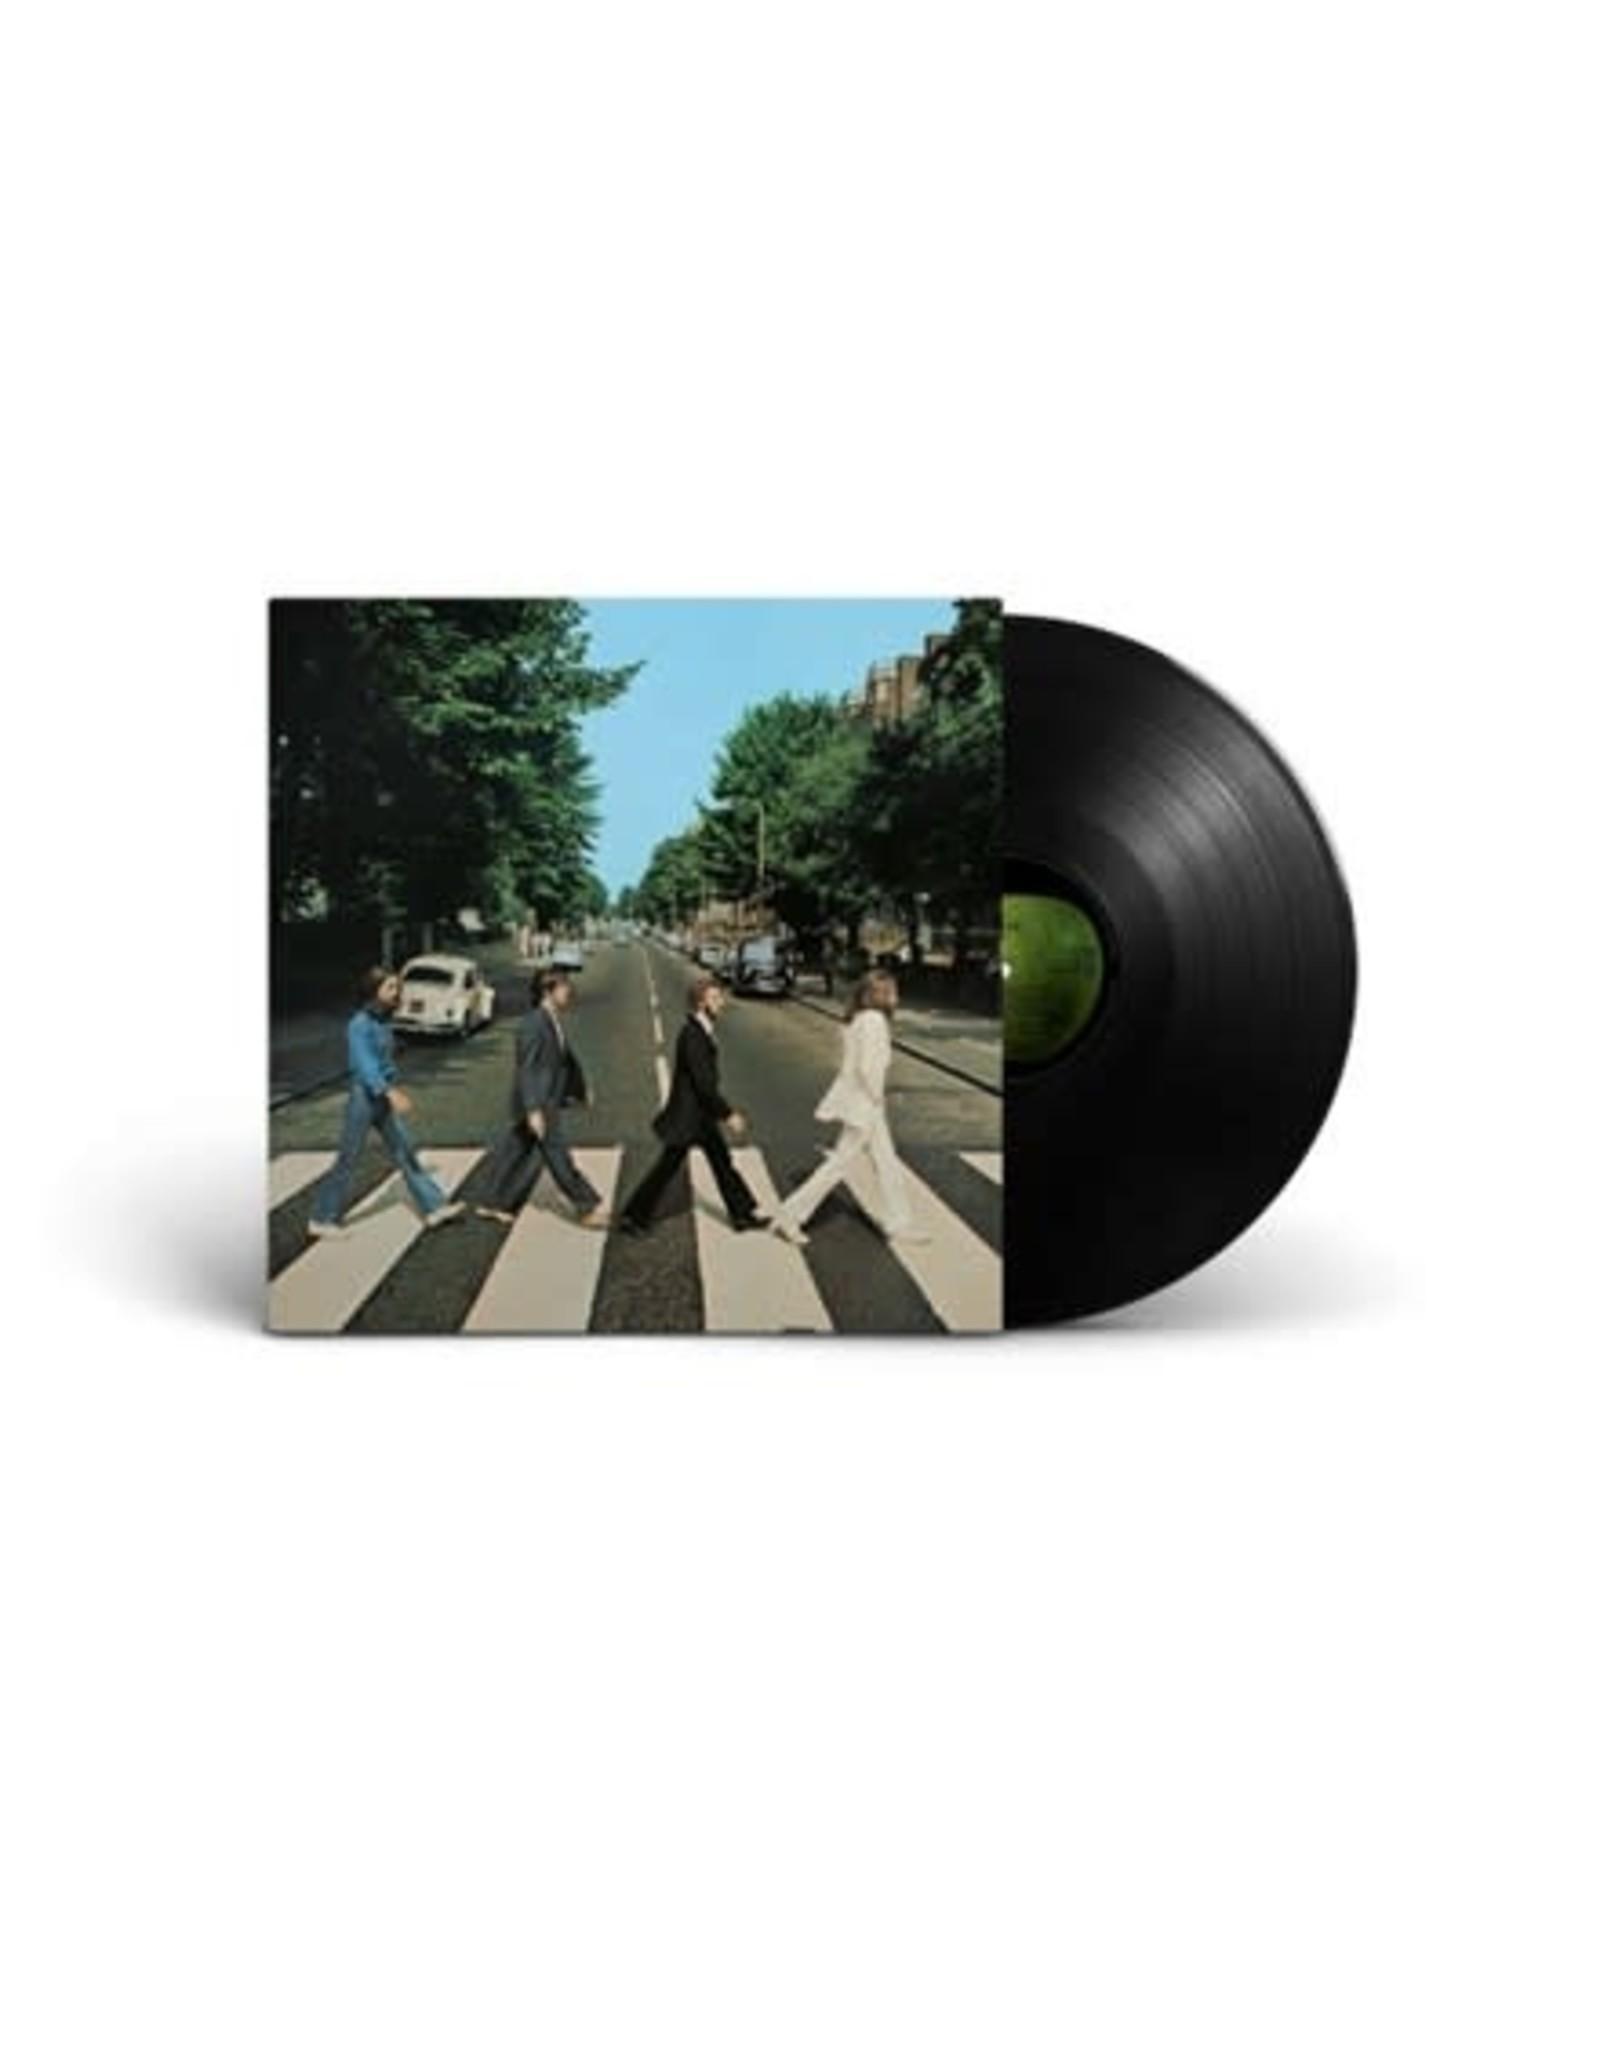 Capitol Beatles: Abbey Road LP